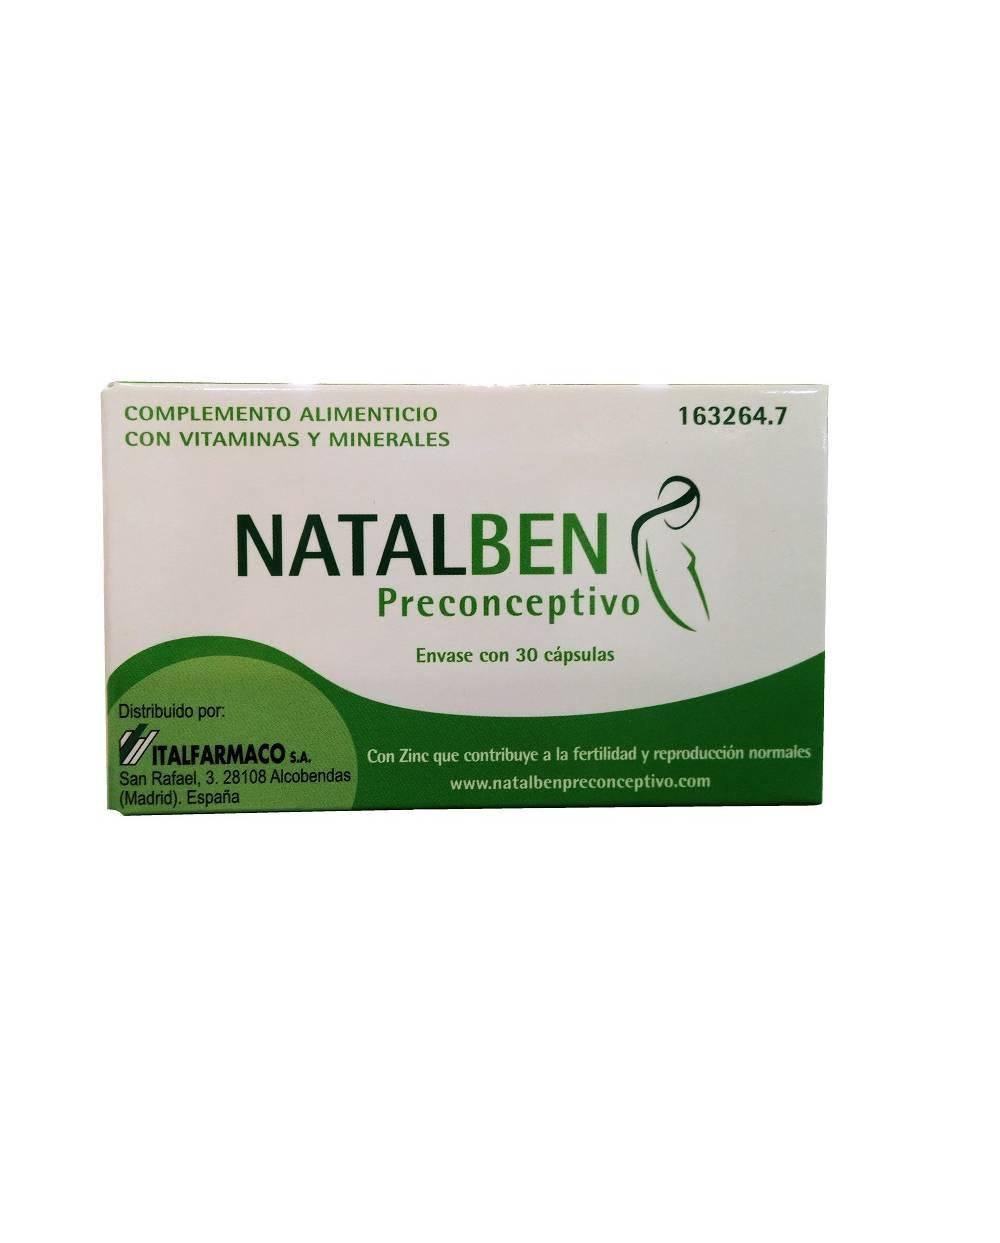 Natalben - preconceptivo - 30 cápsulas